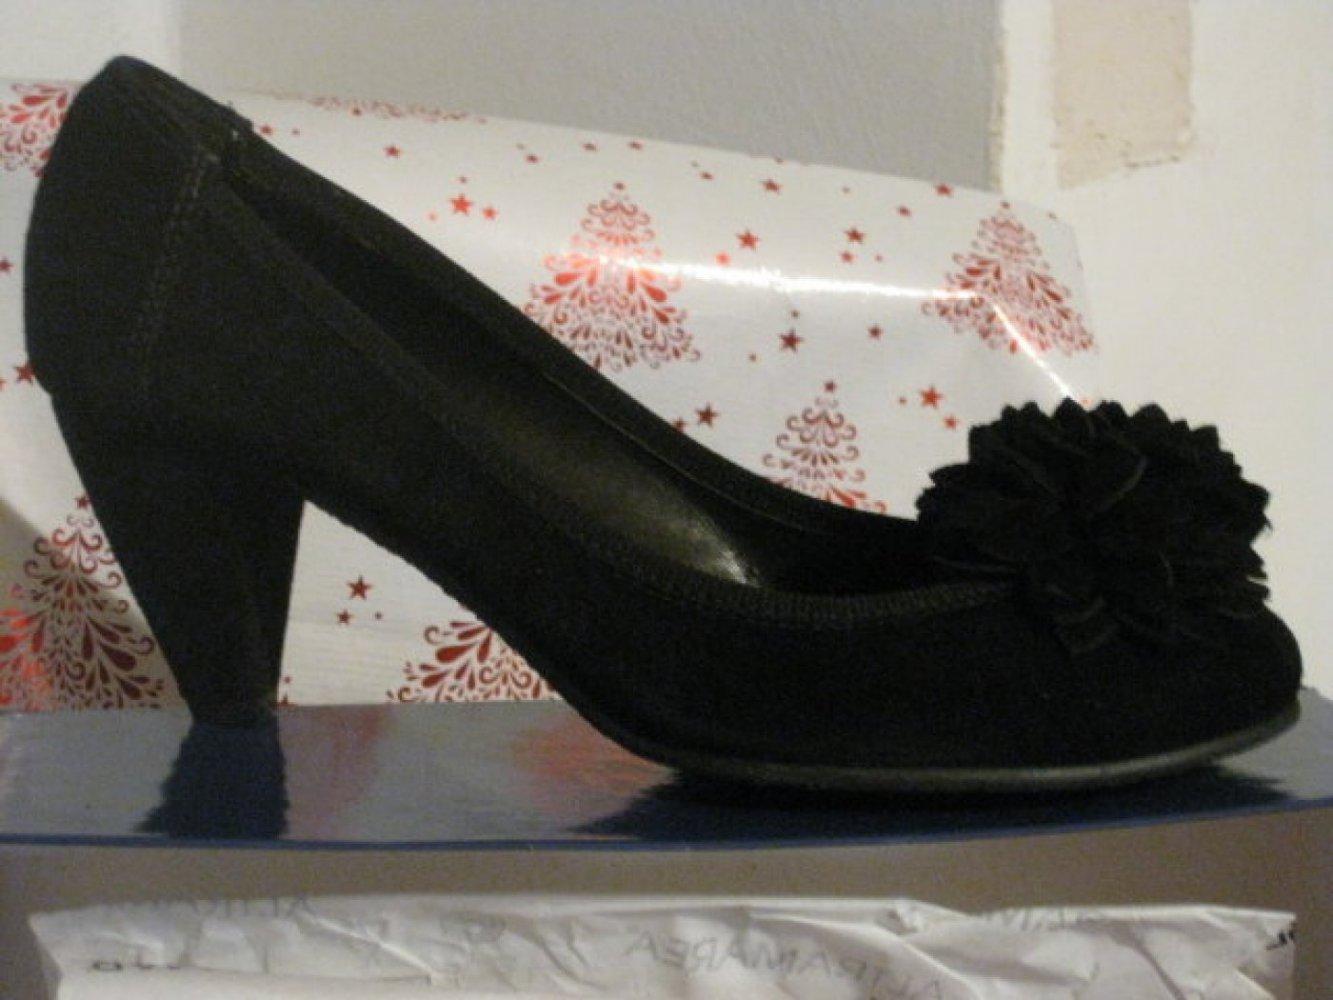 NEU Damen Schuhe Samt Pumps Gr.40 in Schwarz von Altramarea